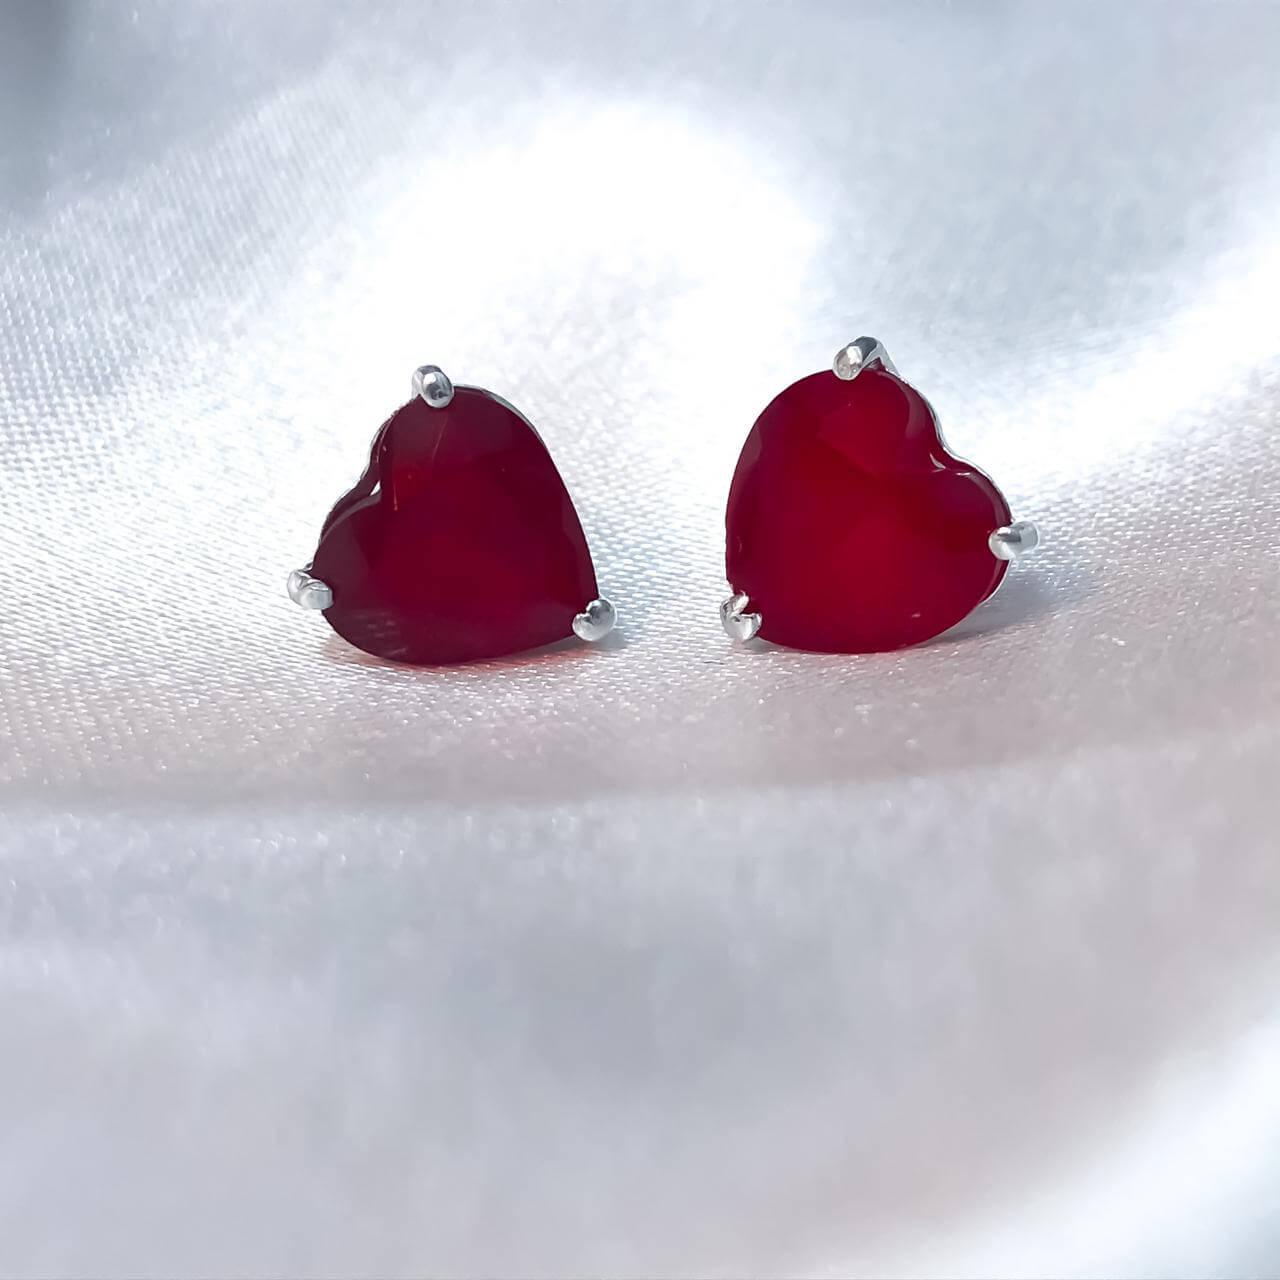 Brinco Coração em Prata 925 (Ruby Sintético)